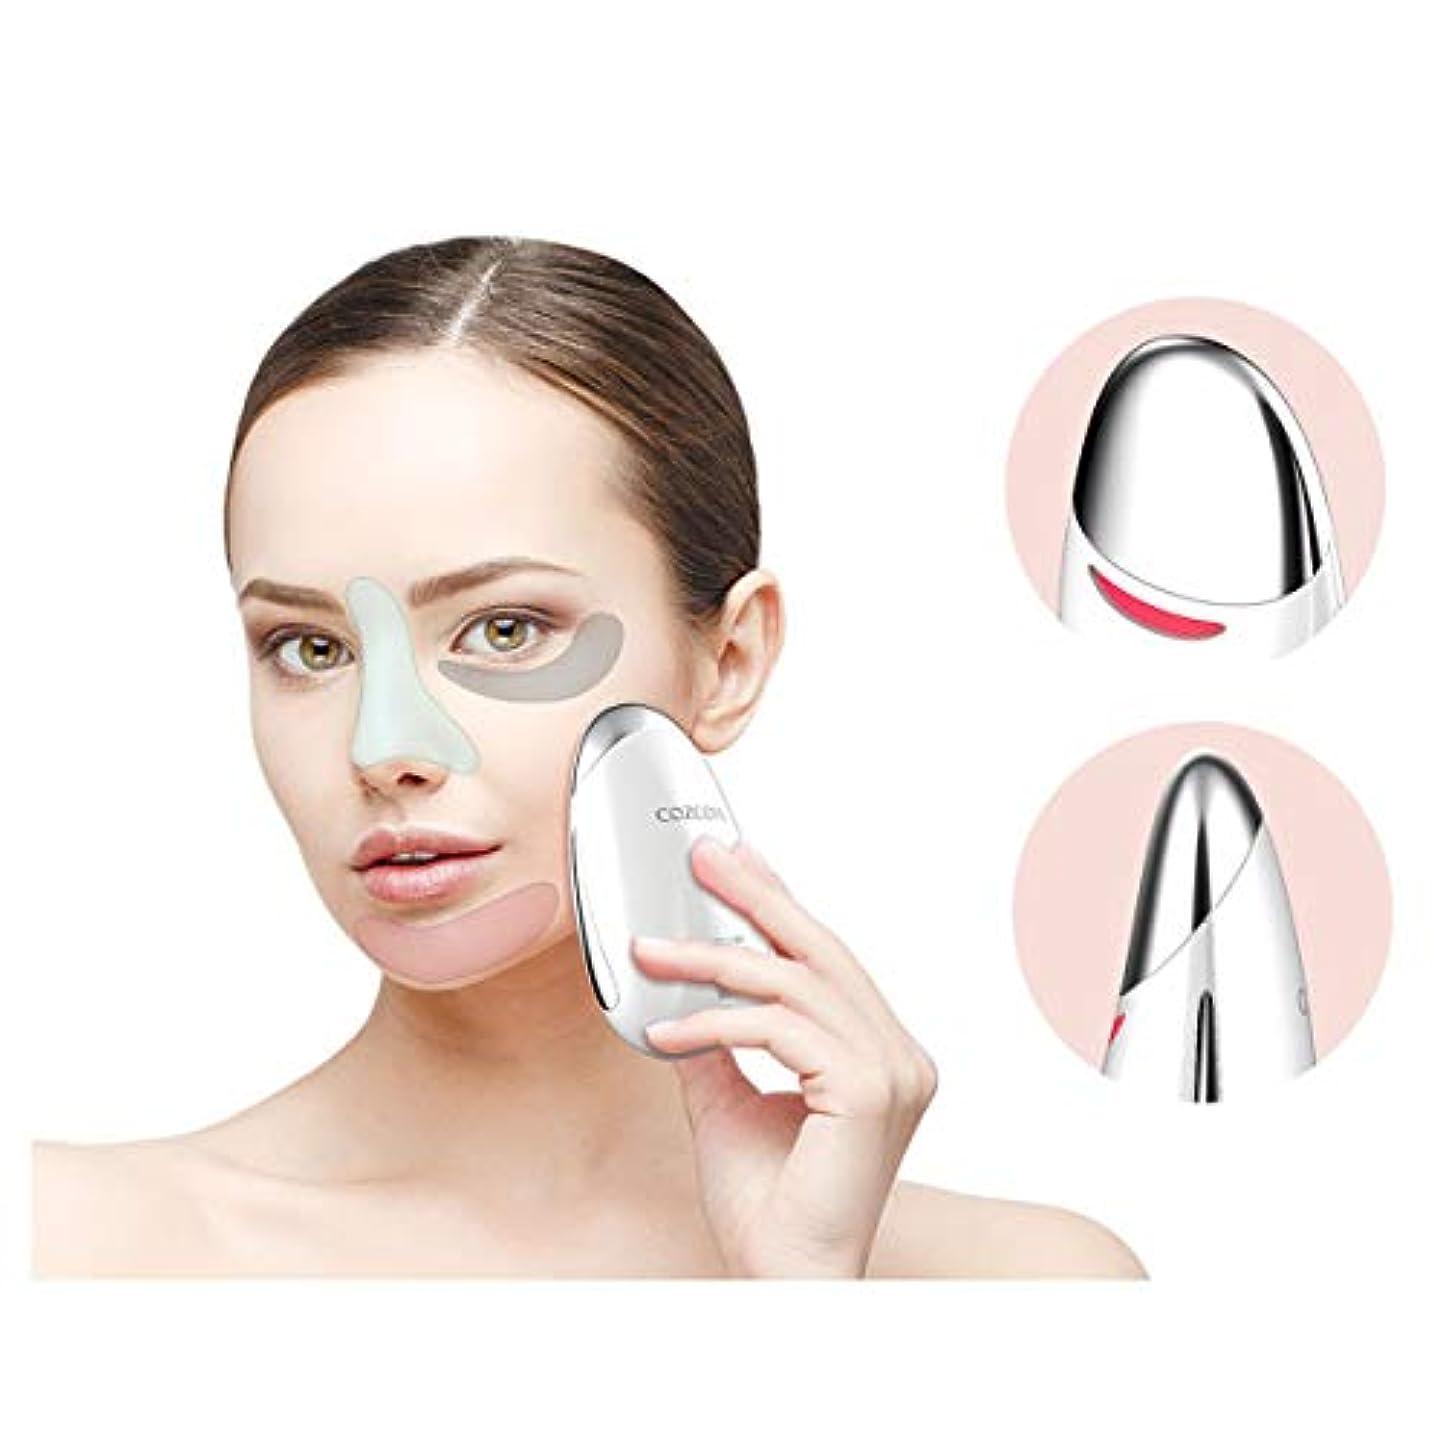 寝室直面する新しさCozcore ECLORE ガルバニックサーマルフェイスマッサージャーマッサージ Galvanic Thermal Face Massager Massage